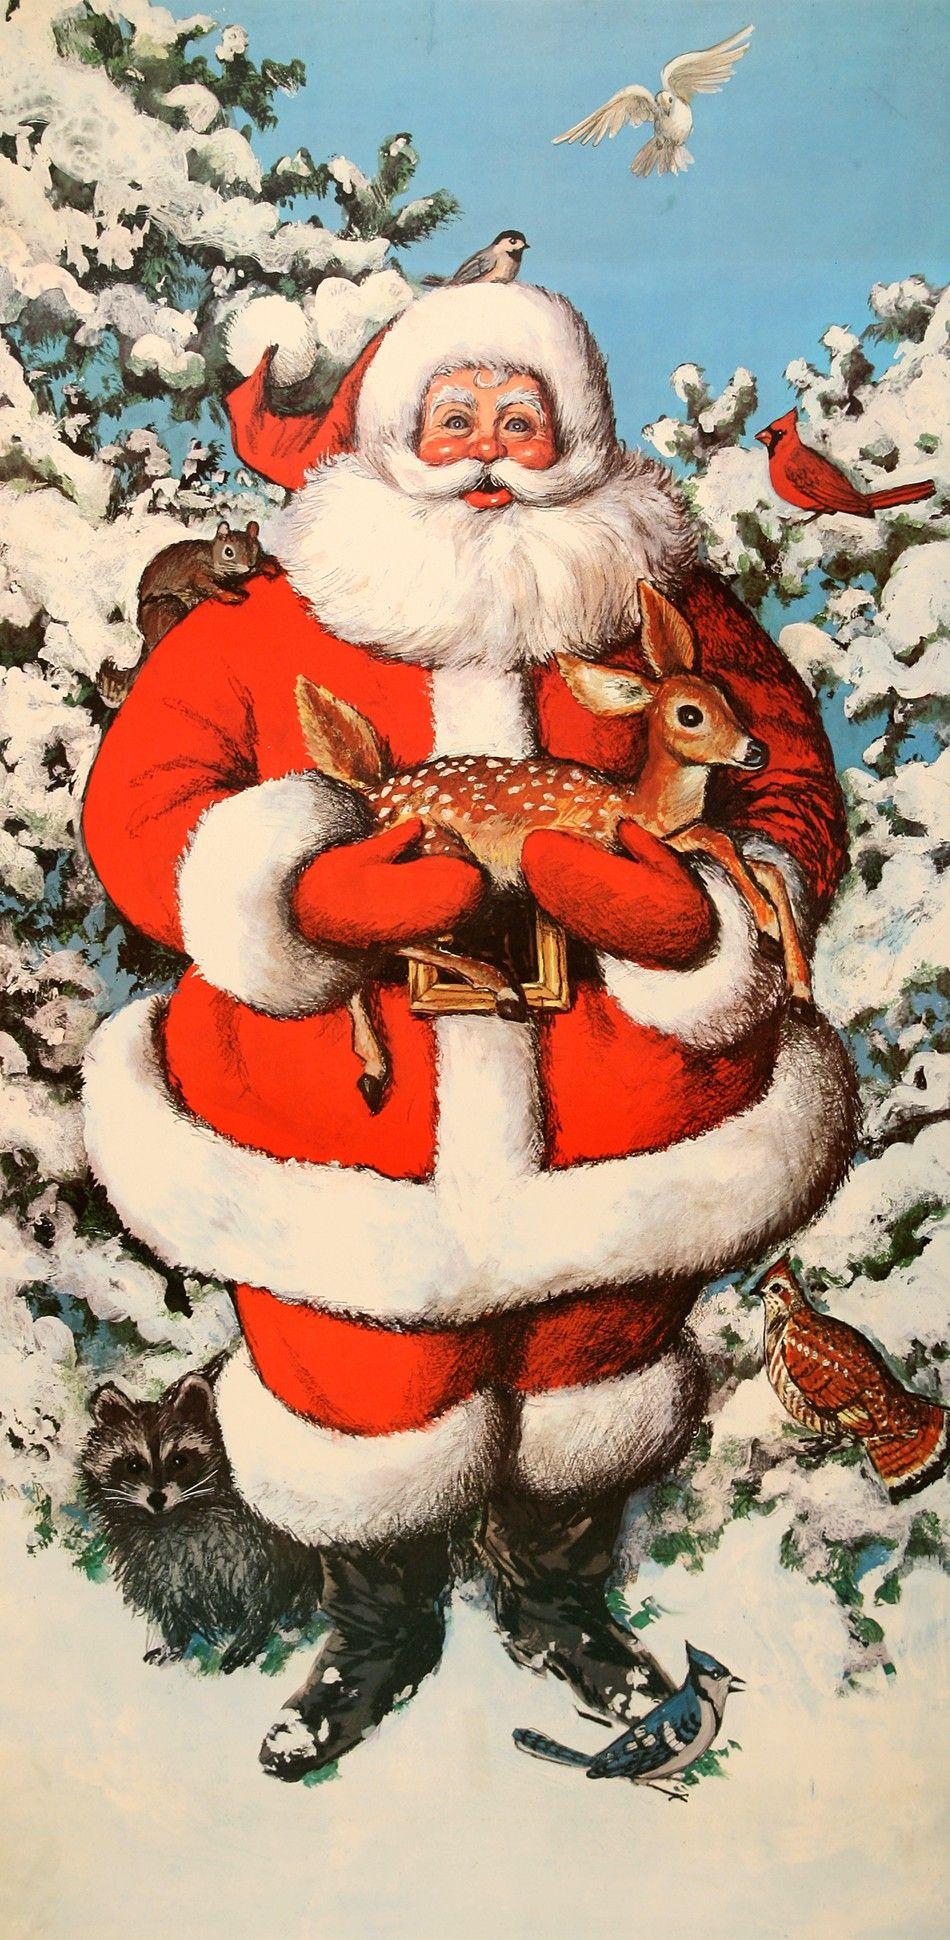 Santa Claus With Deer Postergroup Original Vintage Posters Vintage Christmas Merry Christmas Vintage Santa Paintings